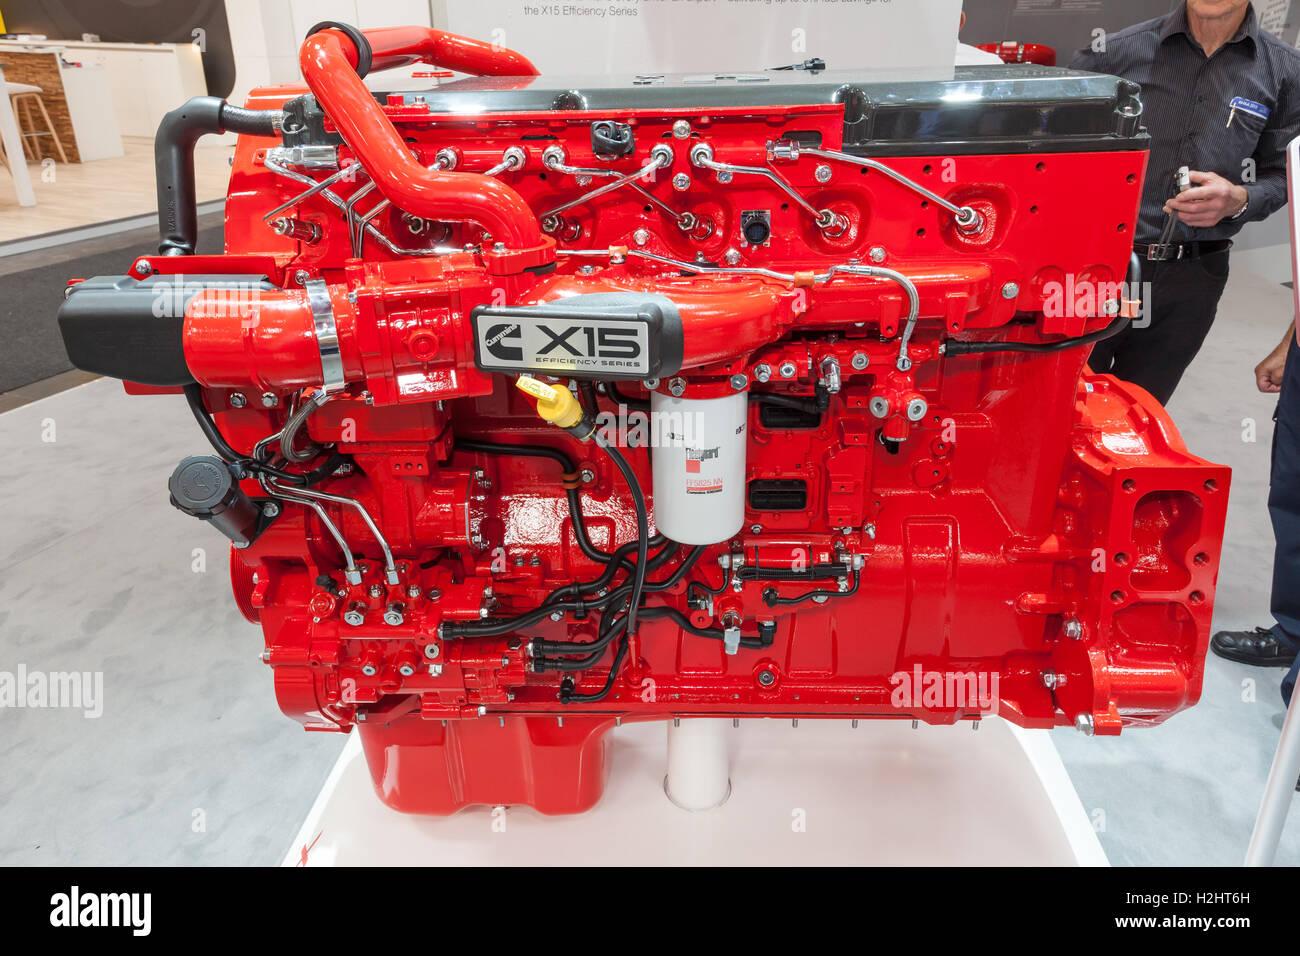 Cummins X15 Efficiency Series Heavy Duty Diesel Engine